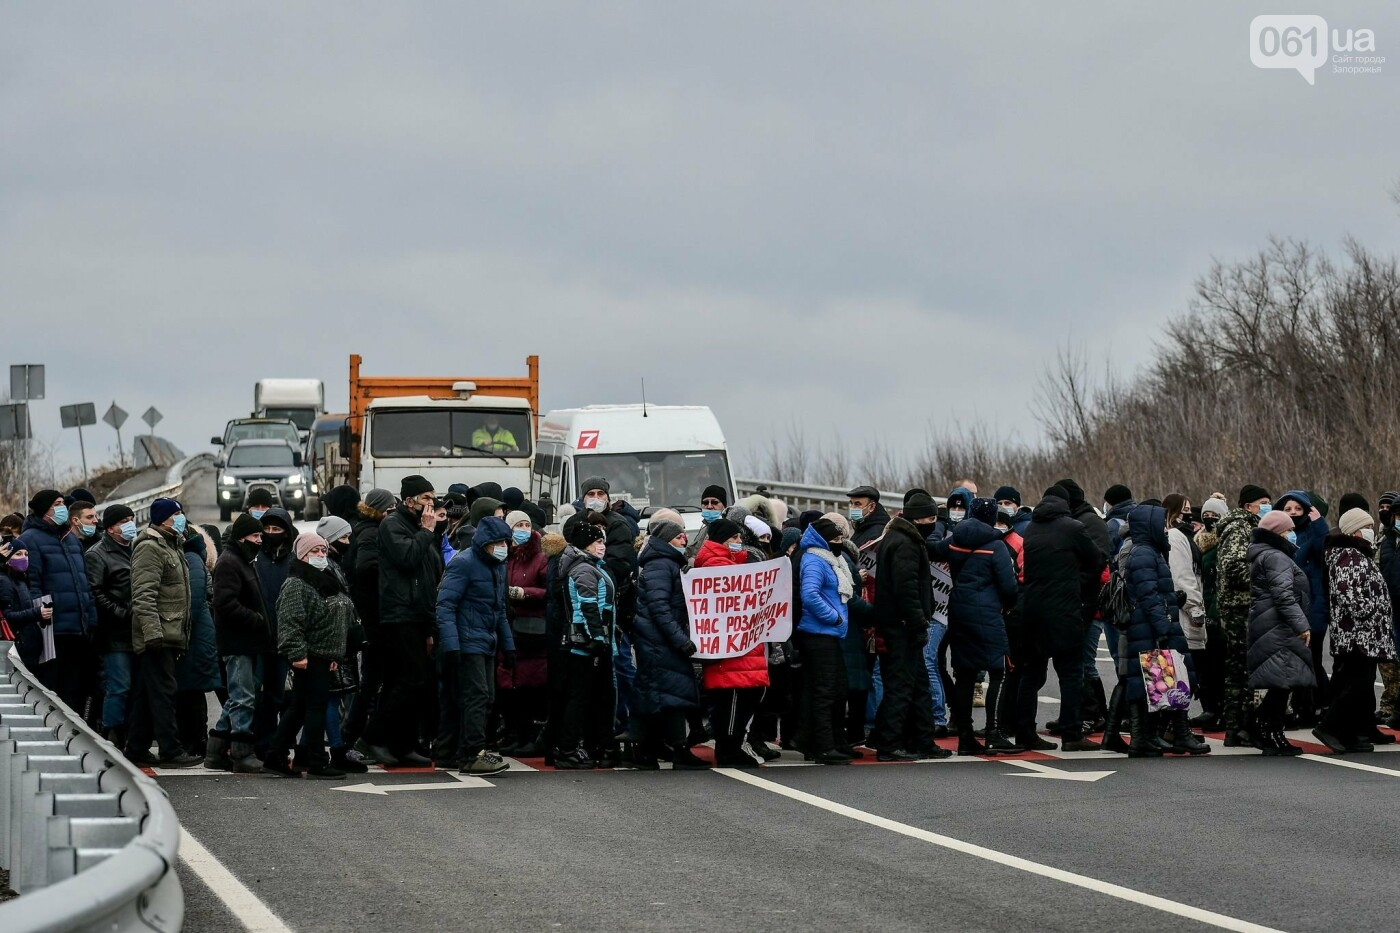 Жители Вольнянска перекрыли трассу и ждут губернатора, - ФОТО, ВИДЕО , фото-2